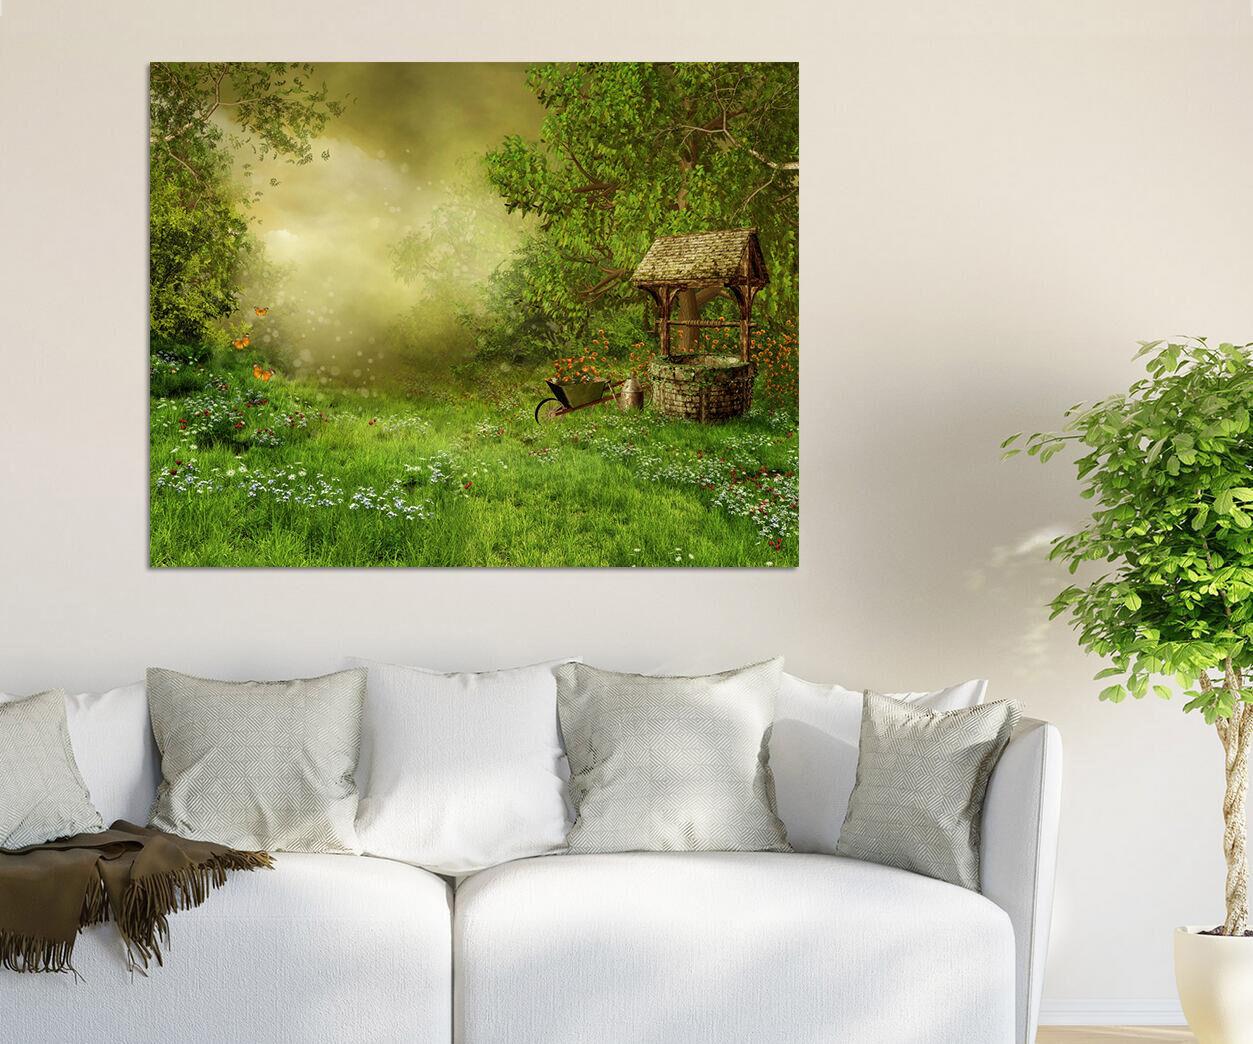 3D Grünwald Brunnen 513 Fototapeten Wandbild BildTapete AJSTORE DE Lemon